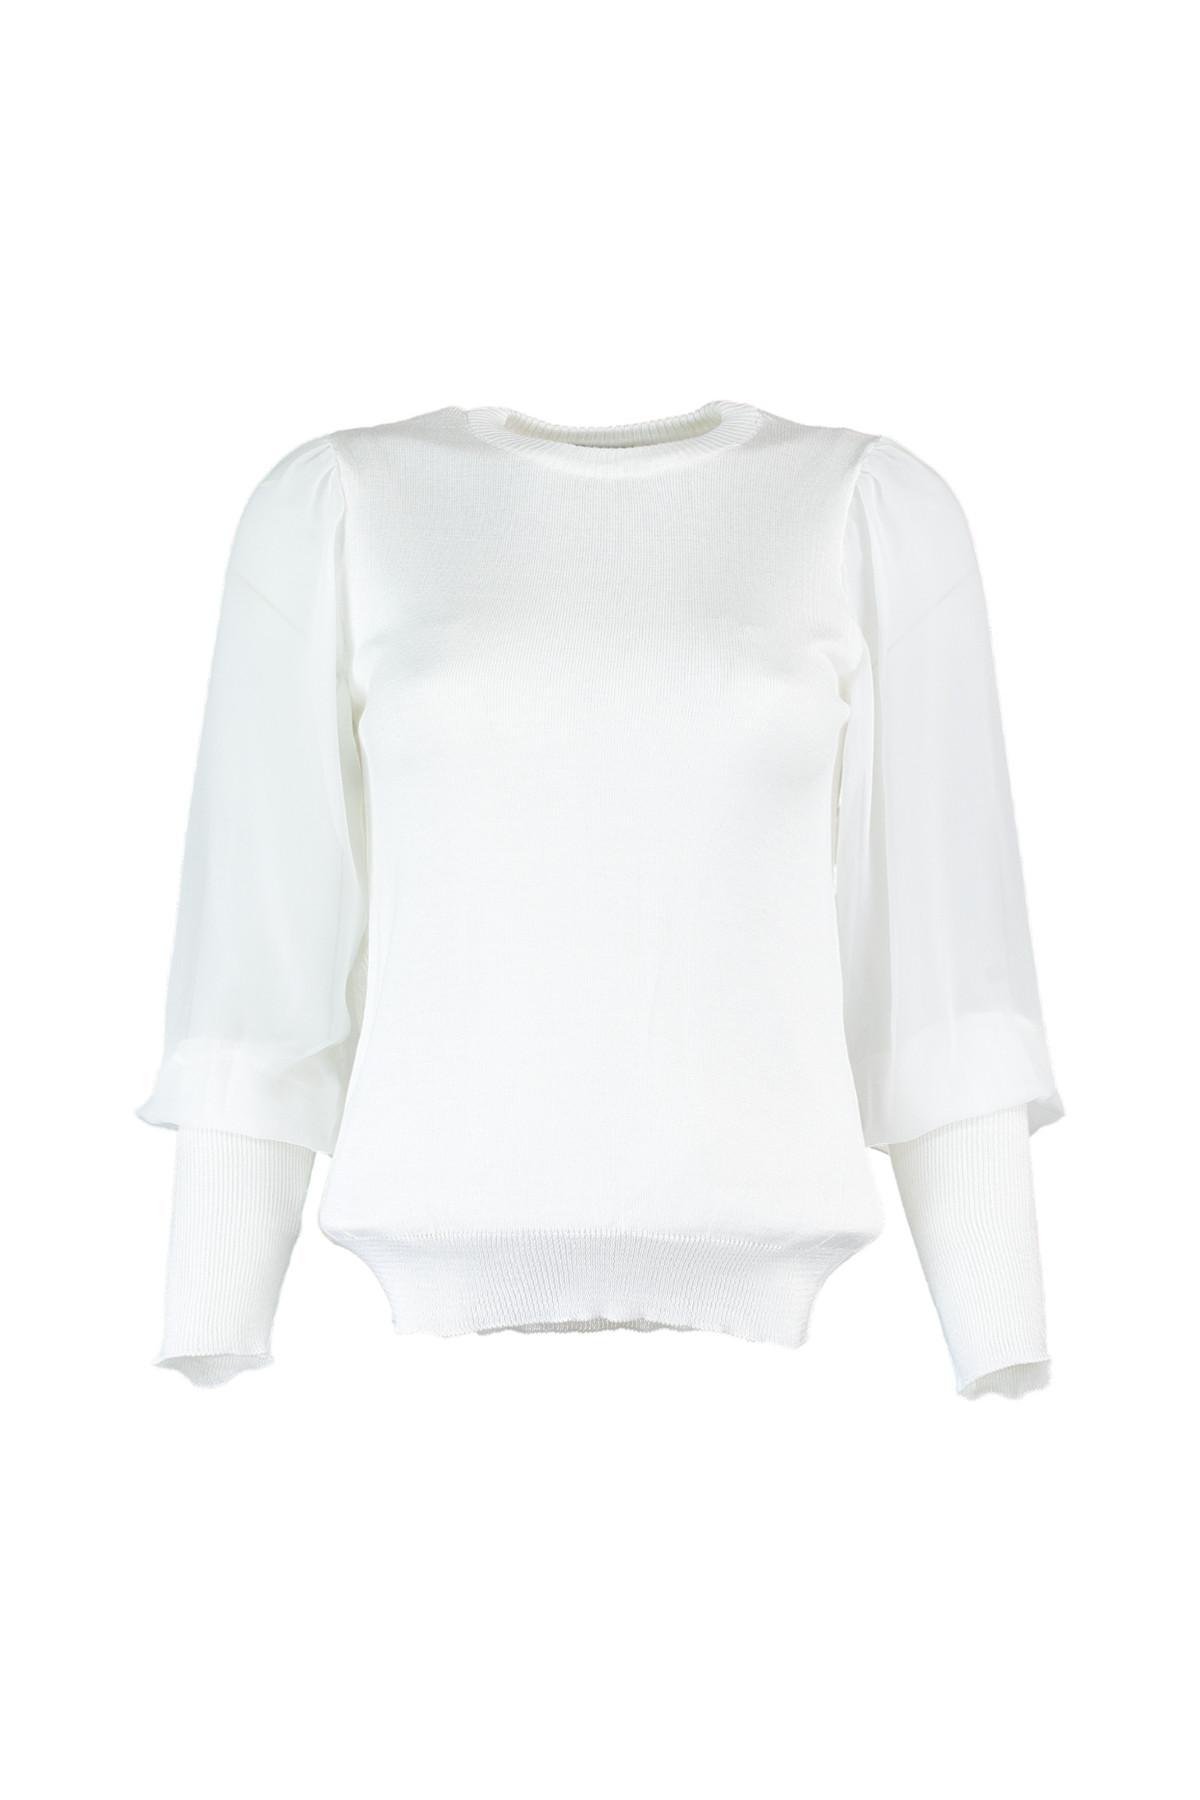 Trendyol WOMEN-Ecru Handles Tulle Detailed Knitwear Sweater TWOAW20DU0001